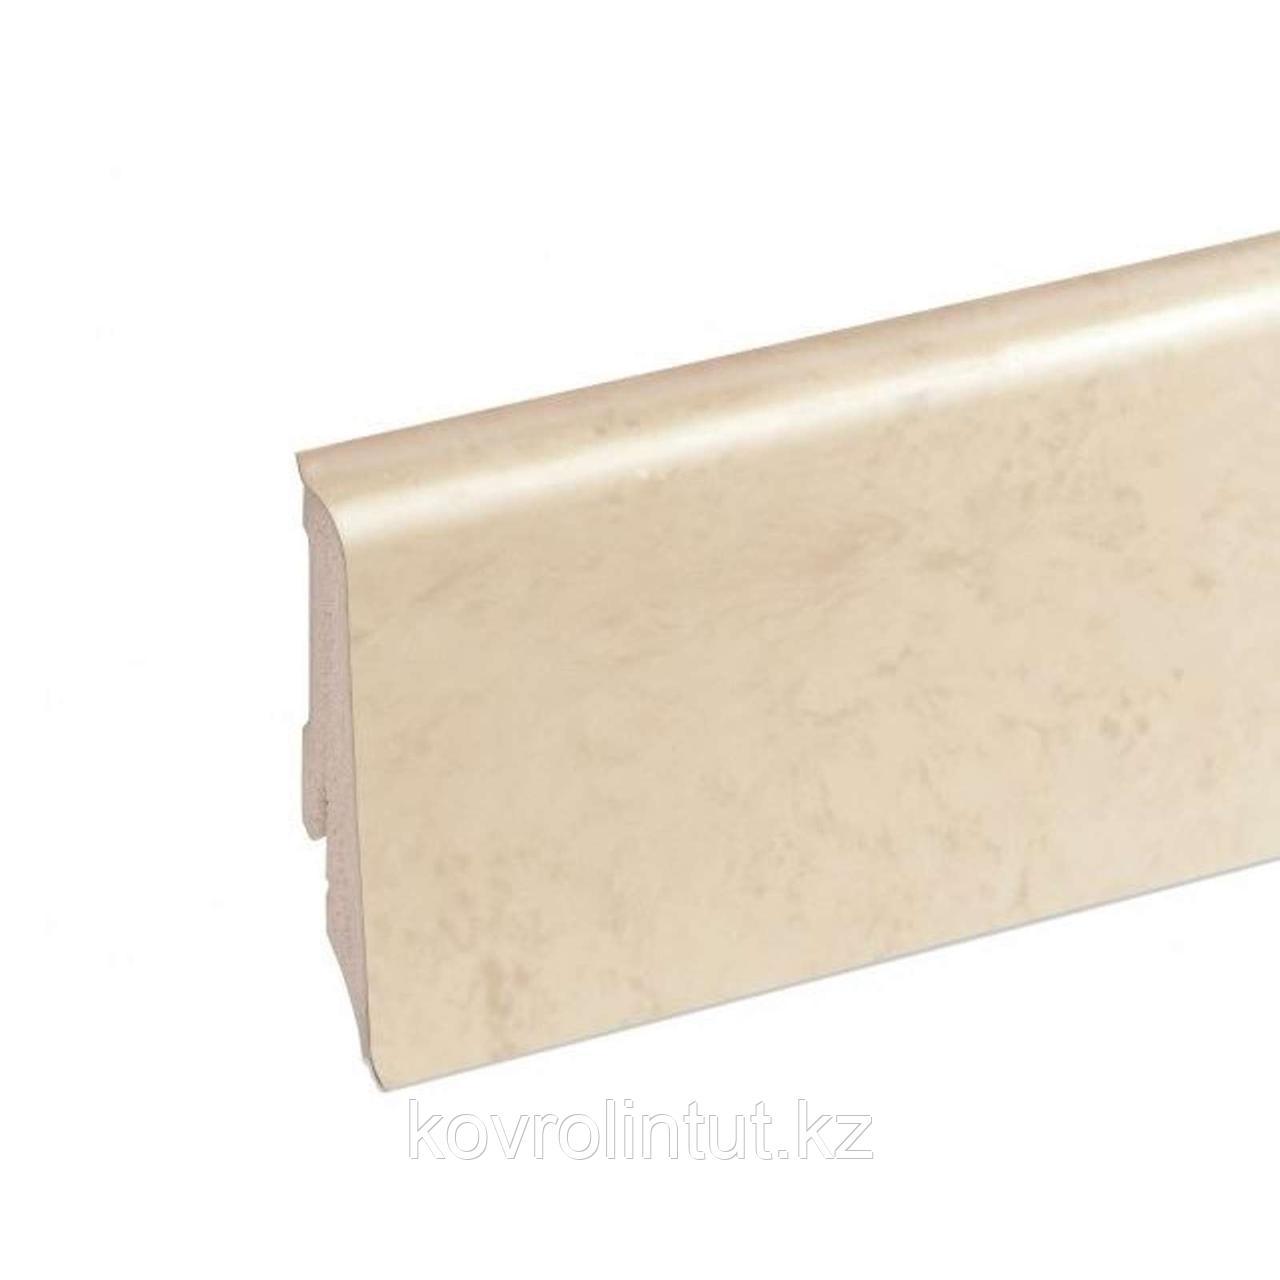 Плинтус композитный для LVT Neuhofer Holz, K0210L, 714494, 2400х59х17 мм